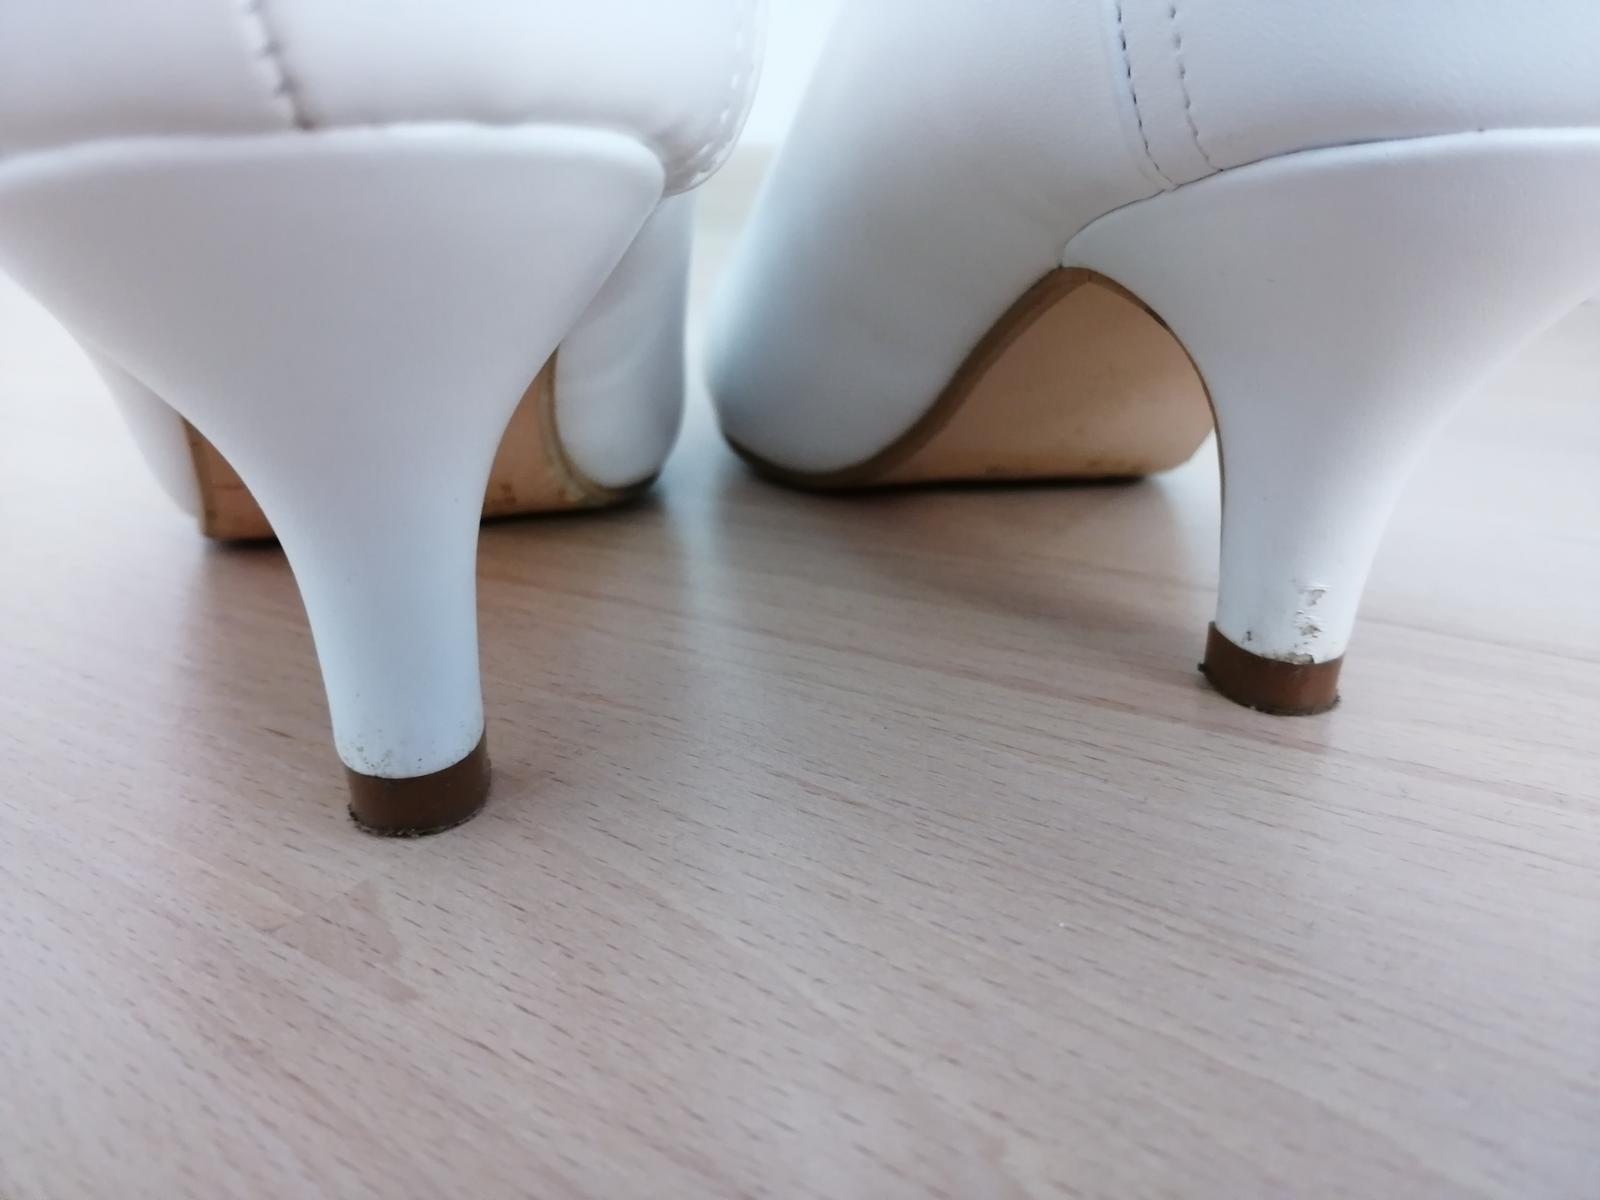 Svadobné topanky - Obrázok č. 2